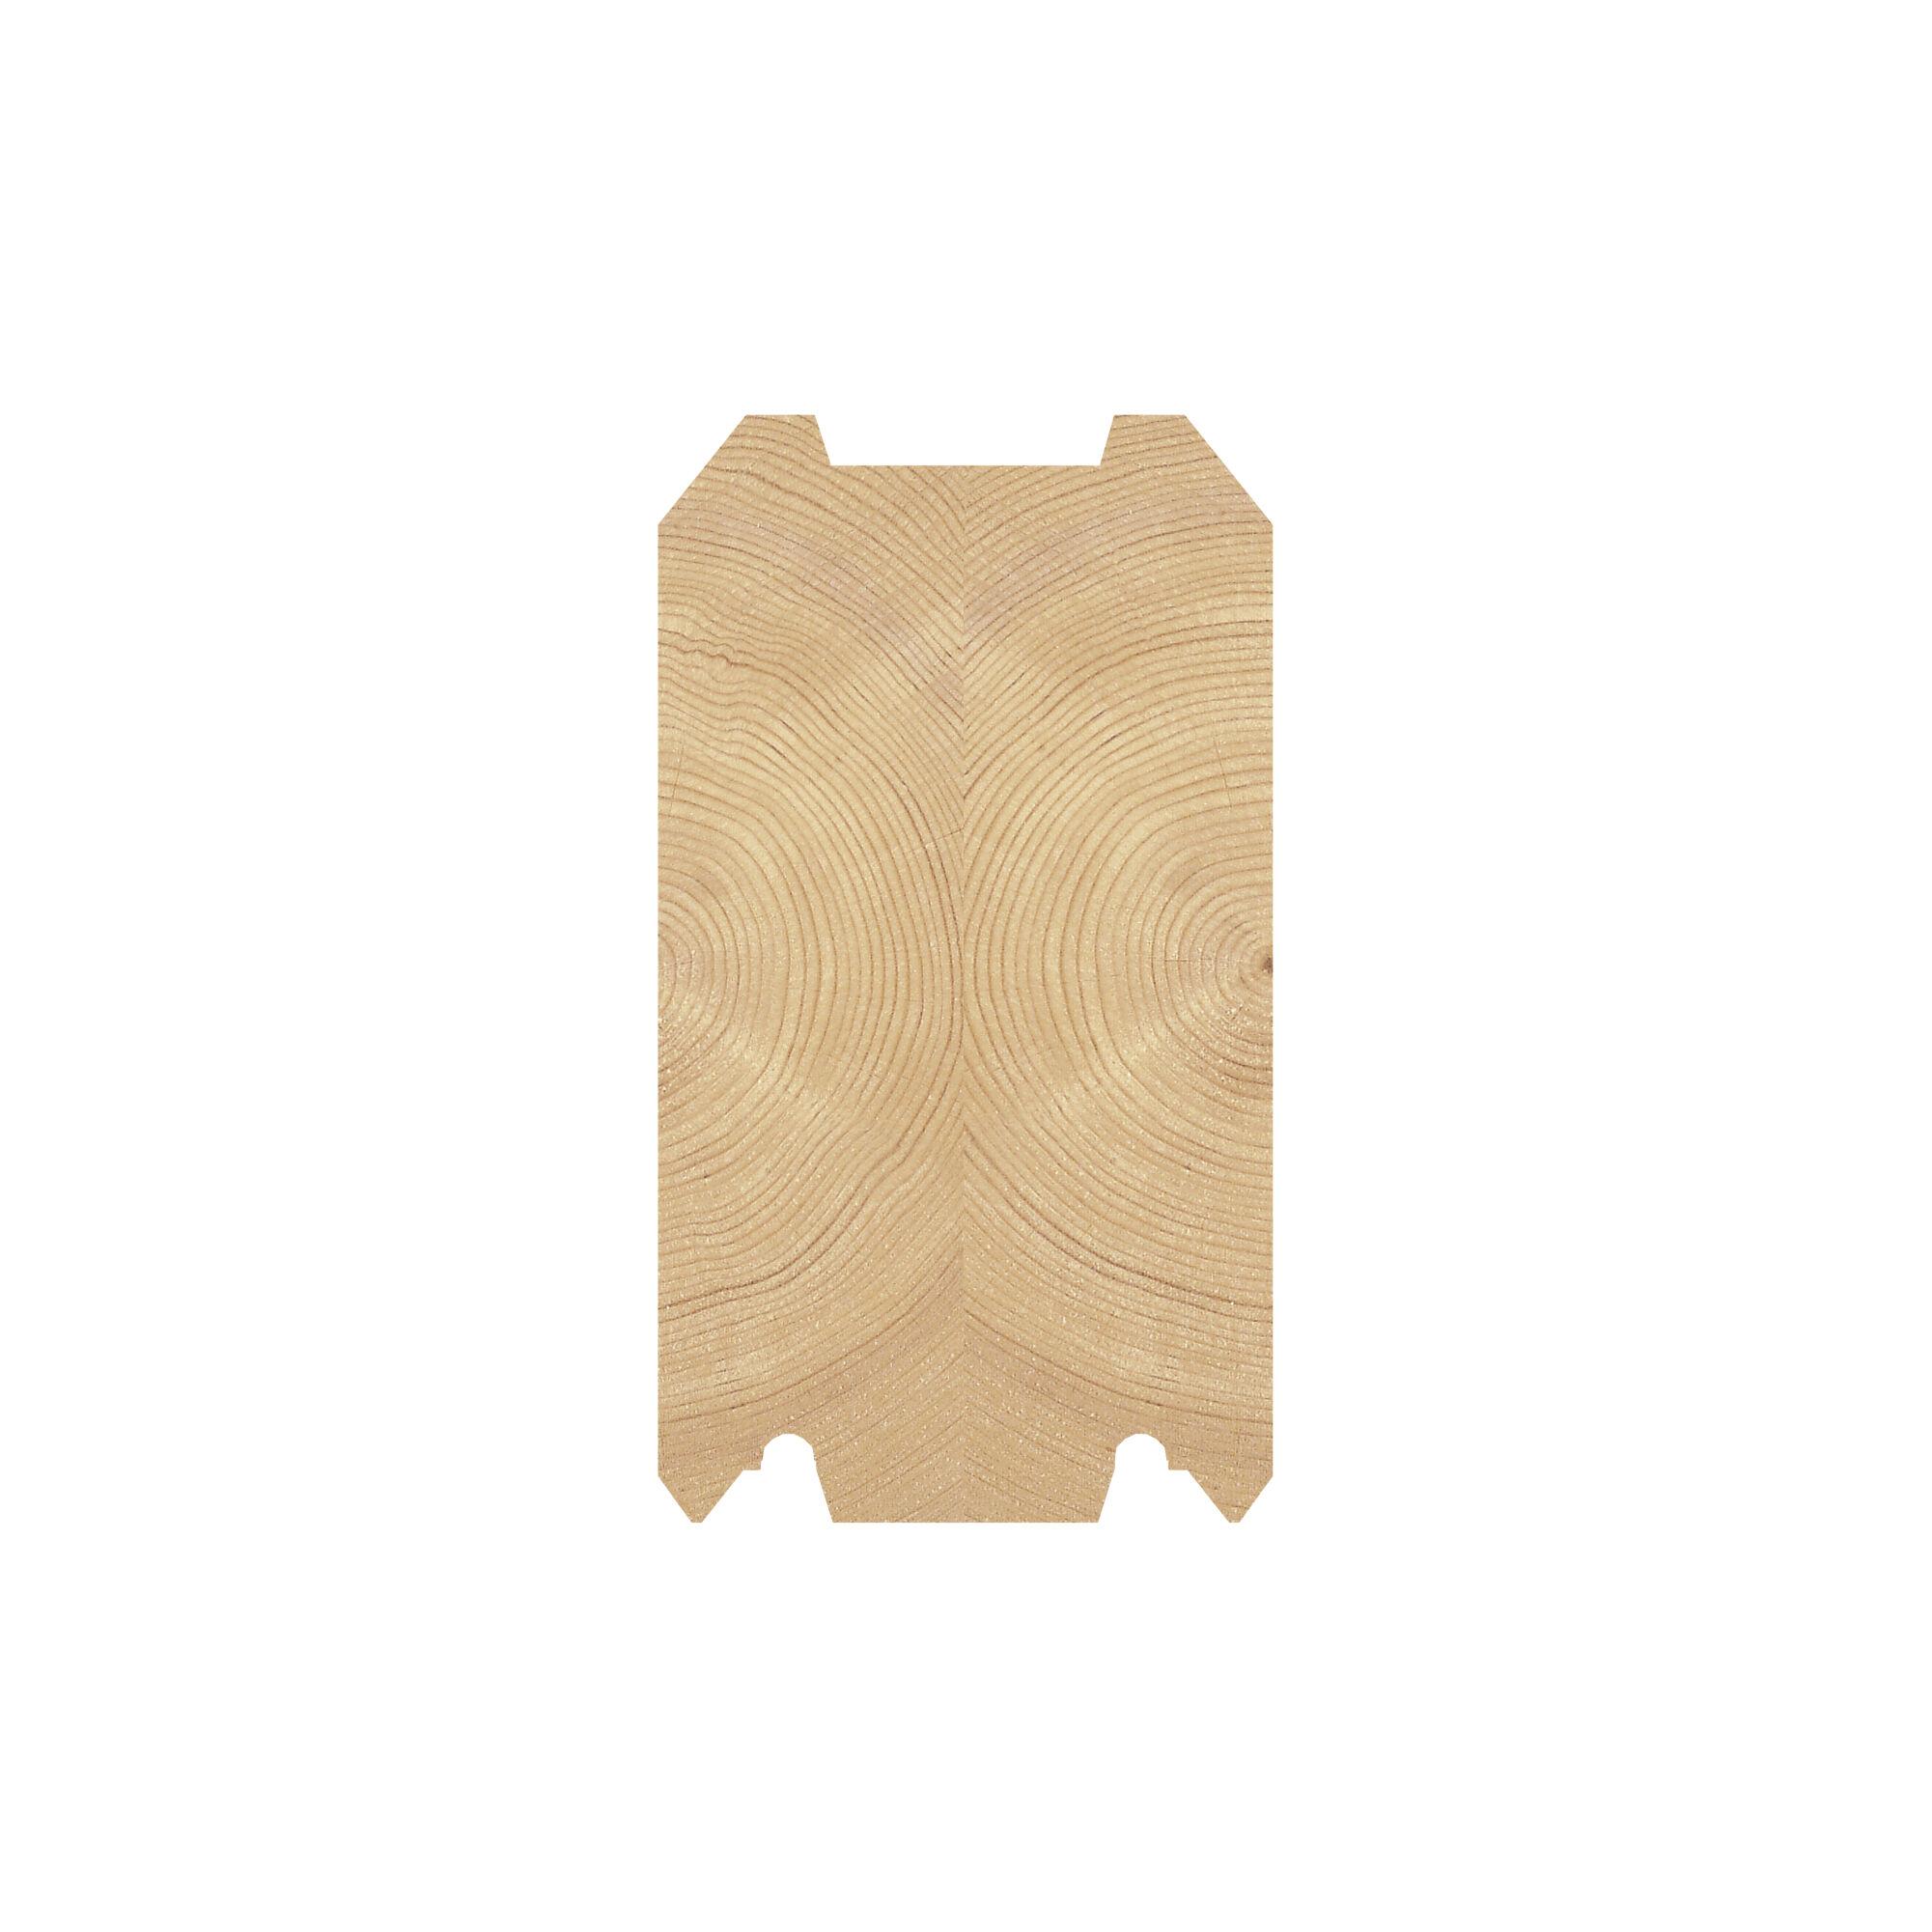 LH 95 x 170 tømmerprofil, til fritidsboliger og badstubygninger